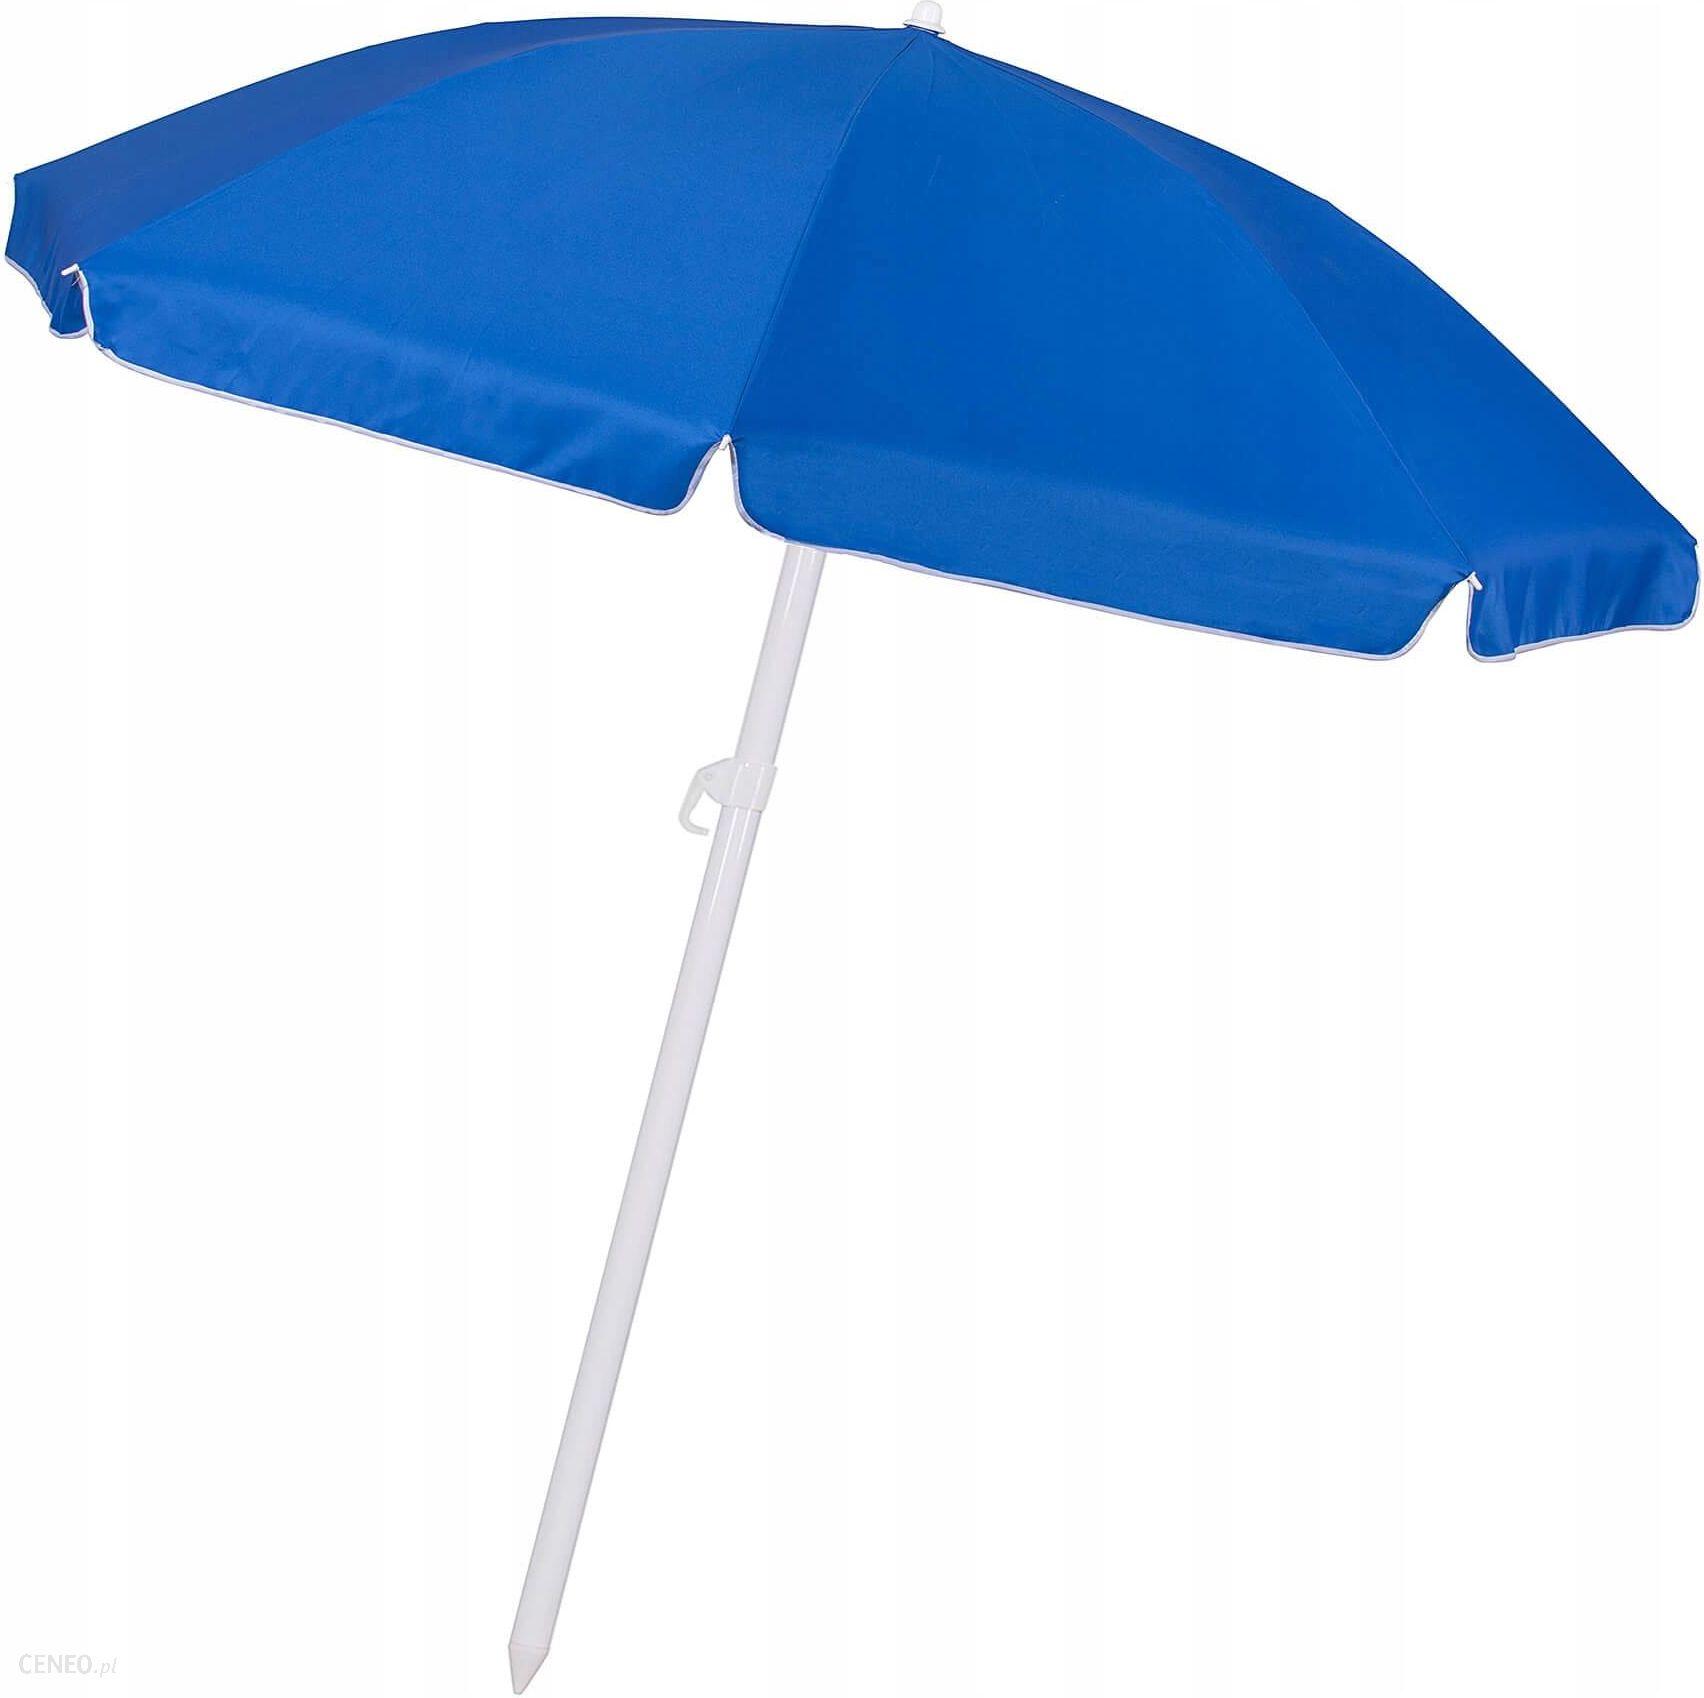 Parasol Ogrodowy Springos Parasol Plazowy Niebieski 240 Cm Bu0003 Ceny I Opinie Ceneo Pl